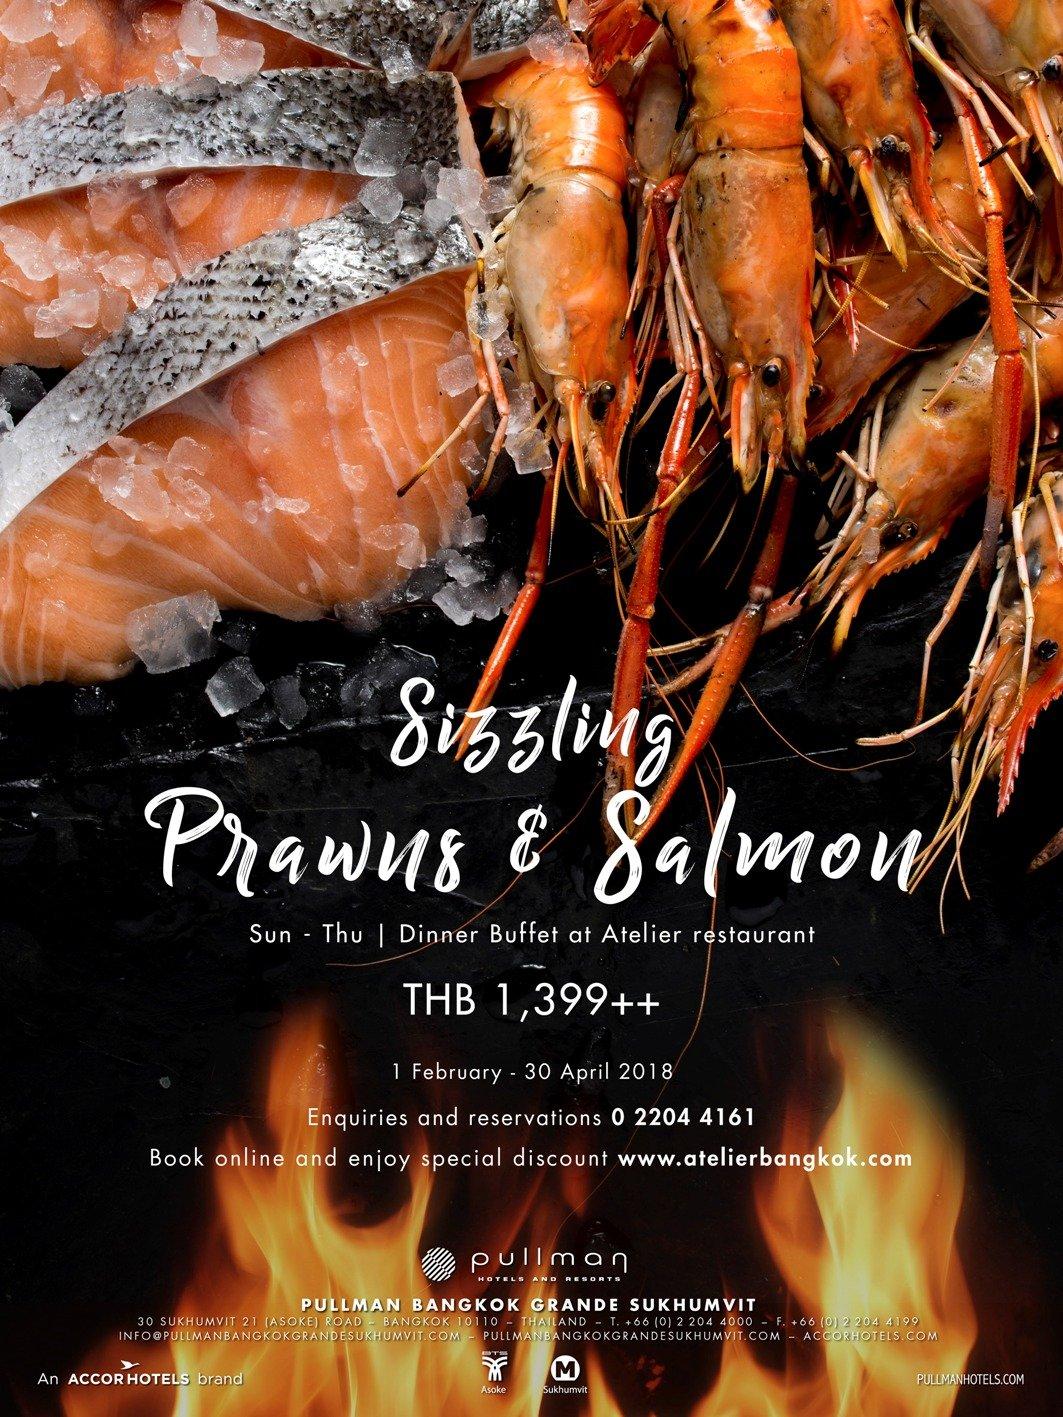 บุฟเฟ่ต์กุ้งเผา Sizzling Prawns & Salmon ที่ห้องอาหารอเทลิเย่ - โรงแรมพูลแมน กรุงเทพฯ แกรนด์ สุขุมวิท